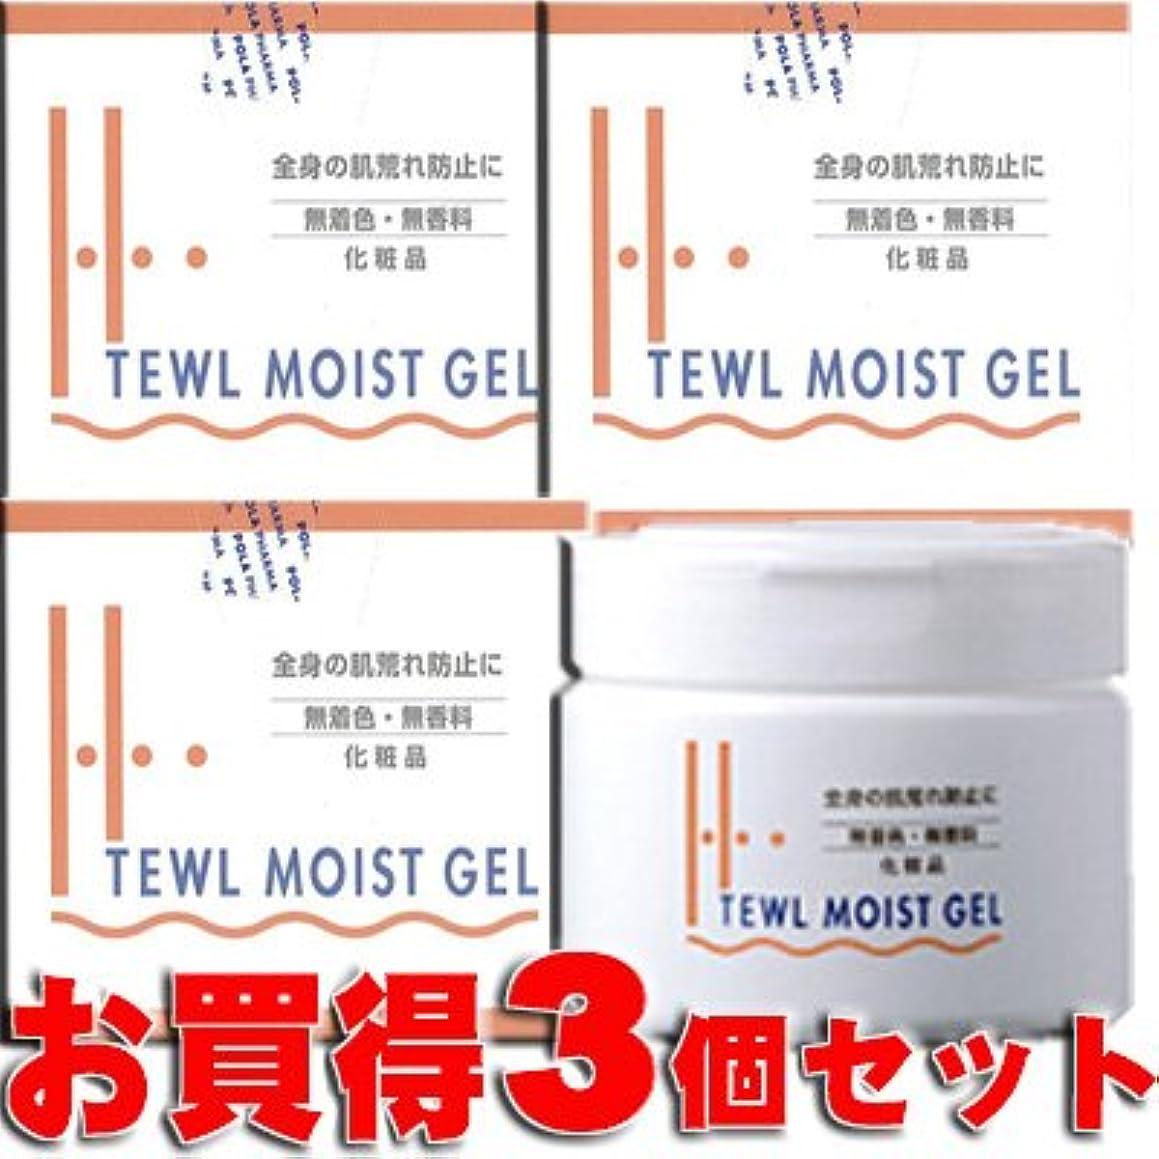 旅行一月符号★お買得3個★ ハイテウル モイストジェル 300gx3個 (ポーラファルマ)エタノールや界面活性剤に敏感な方へおすすめするゲルクリームです。